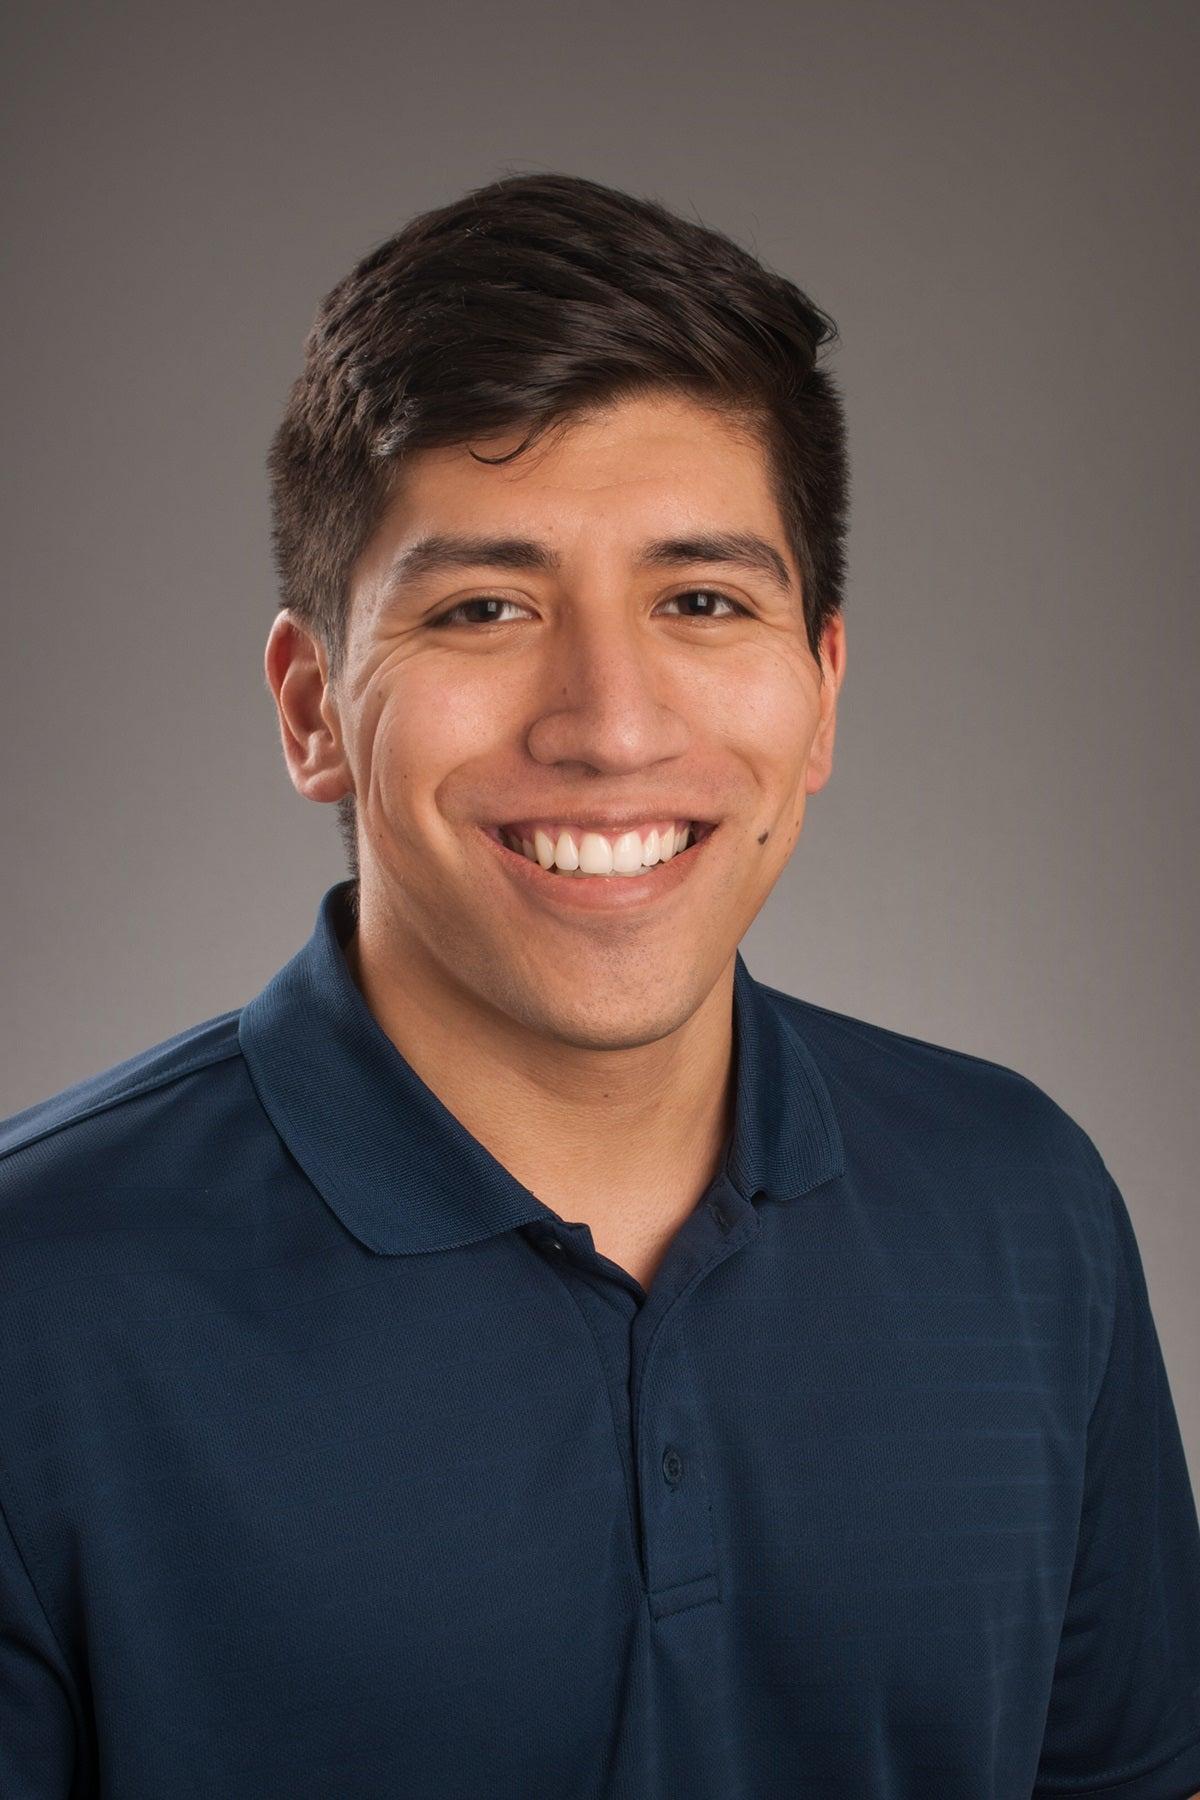 Ismael Sandoval